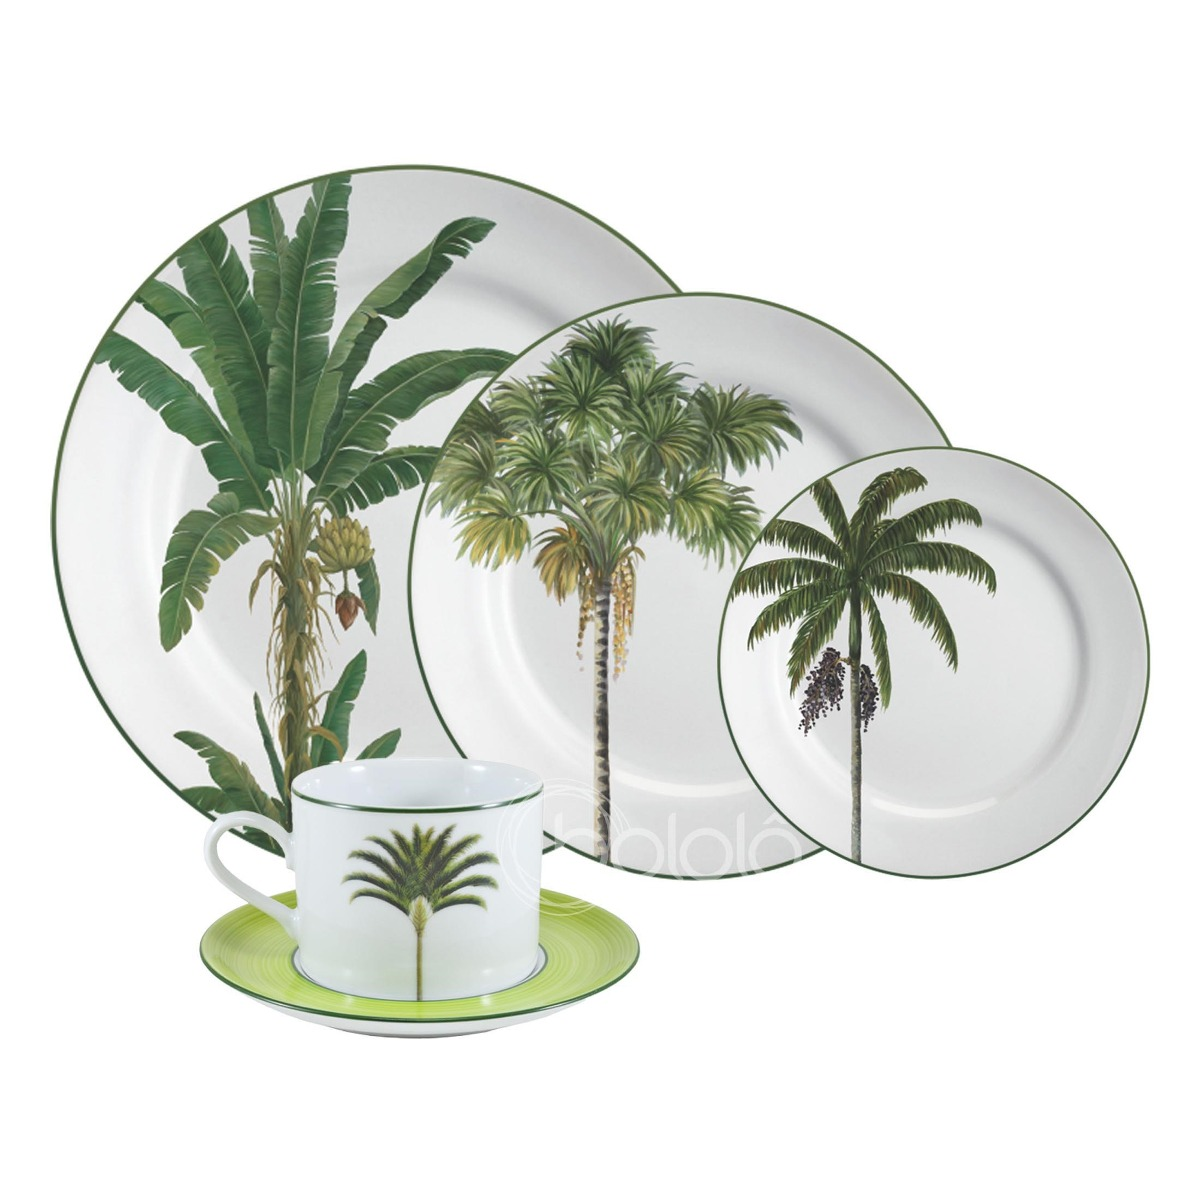 Aparelho De Jantar Palmeiras Porcelana 30 Peças Schmidt R$ 1.139 90  #7F8E3D 1200x1200